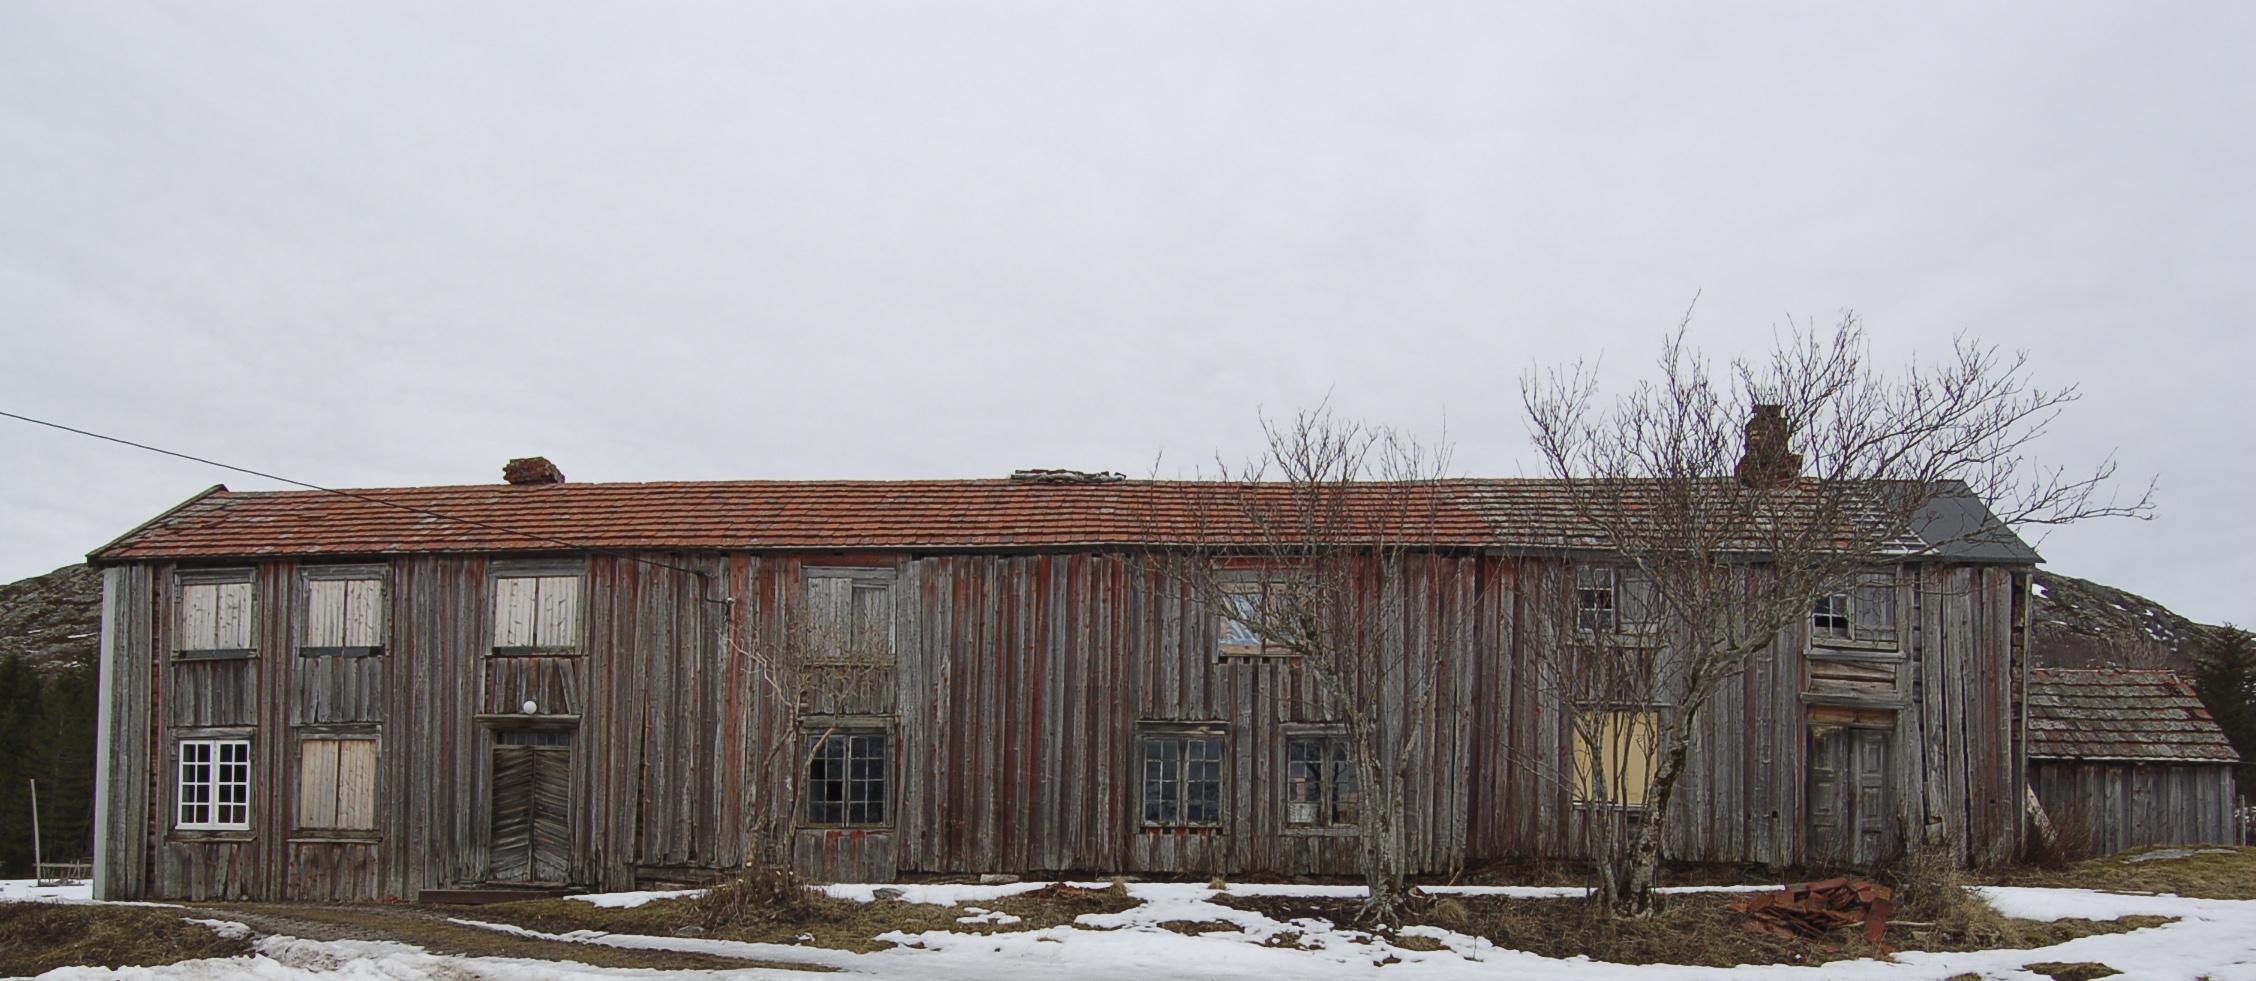 Bilde av Kvalfjordlånas fasade mot sjøen (sørøst). Foto: Einar Strand, Nord-Trøndelag fylkeskommune